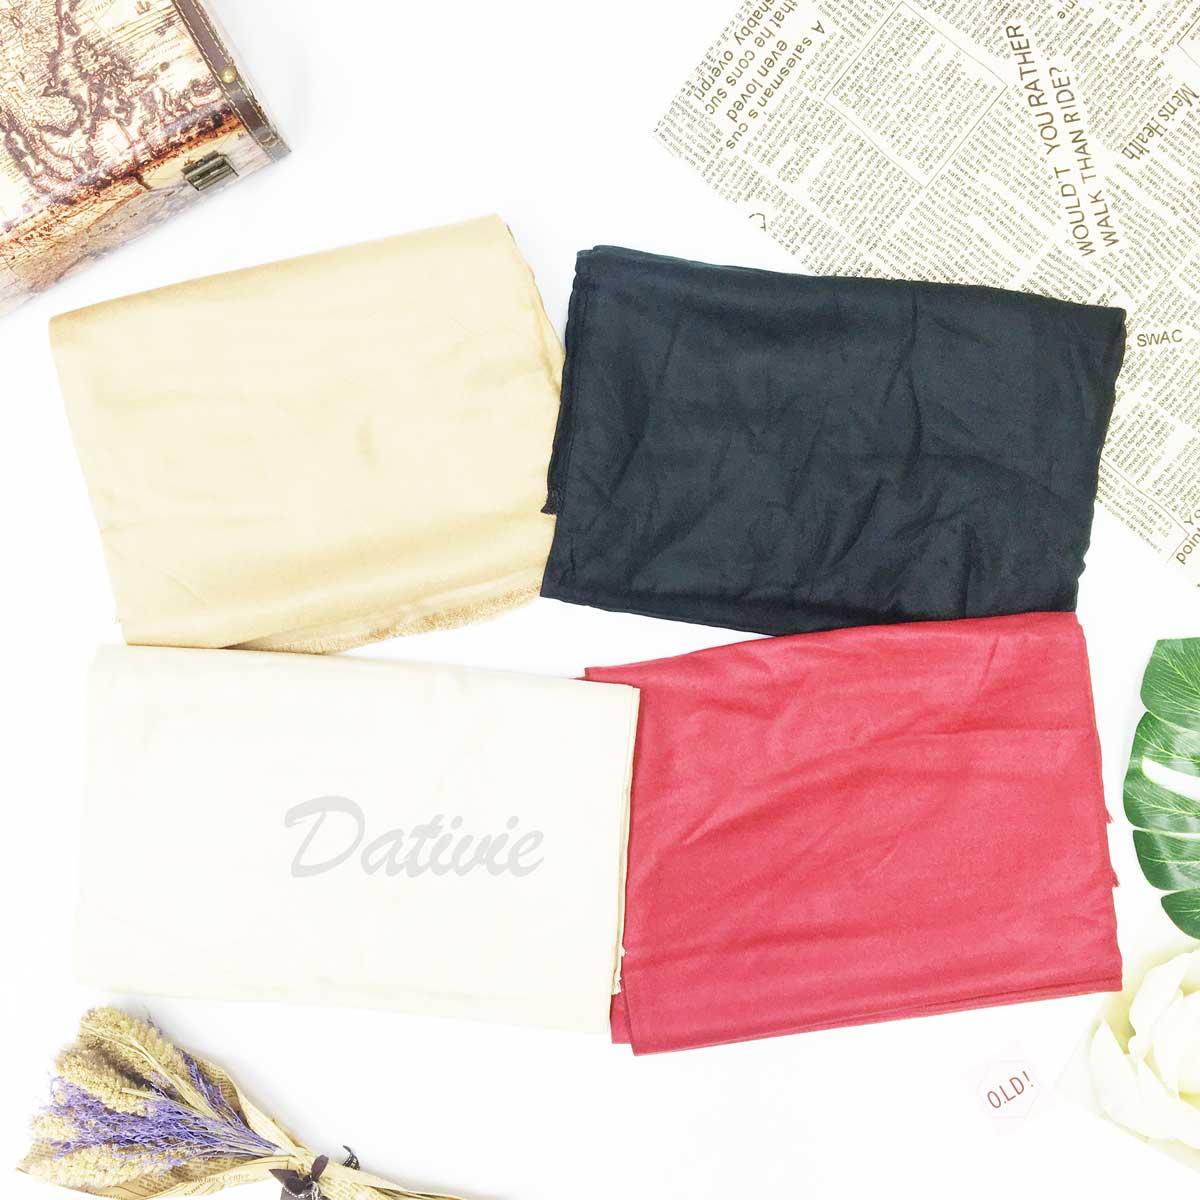 薄圍巾 素色 基本款 抽鬚 簡約 保暖 披肩 圍巾